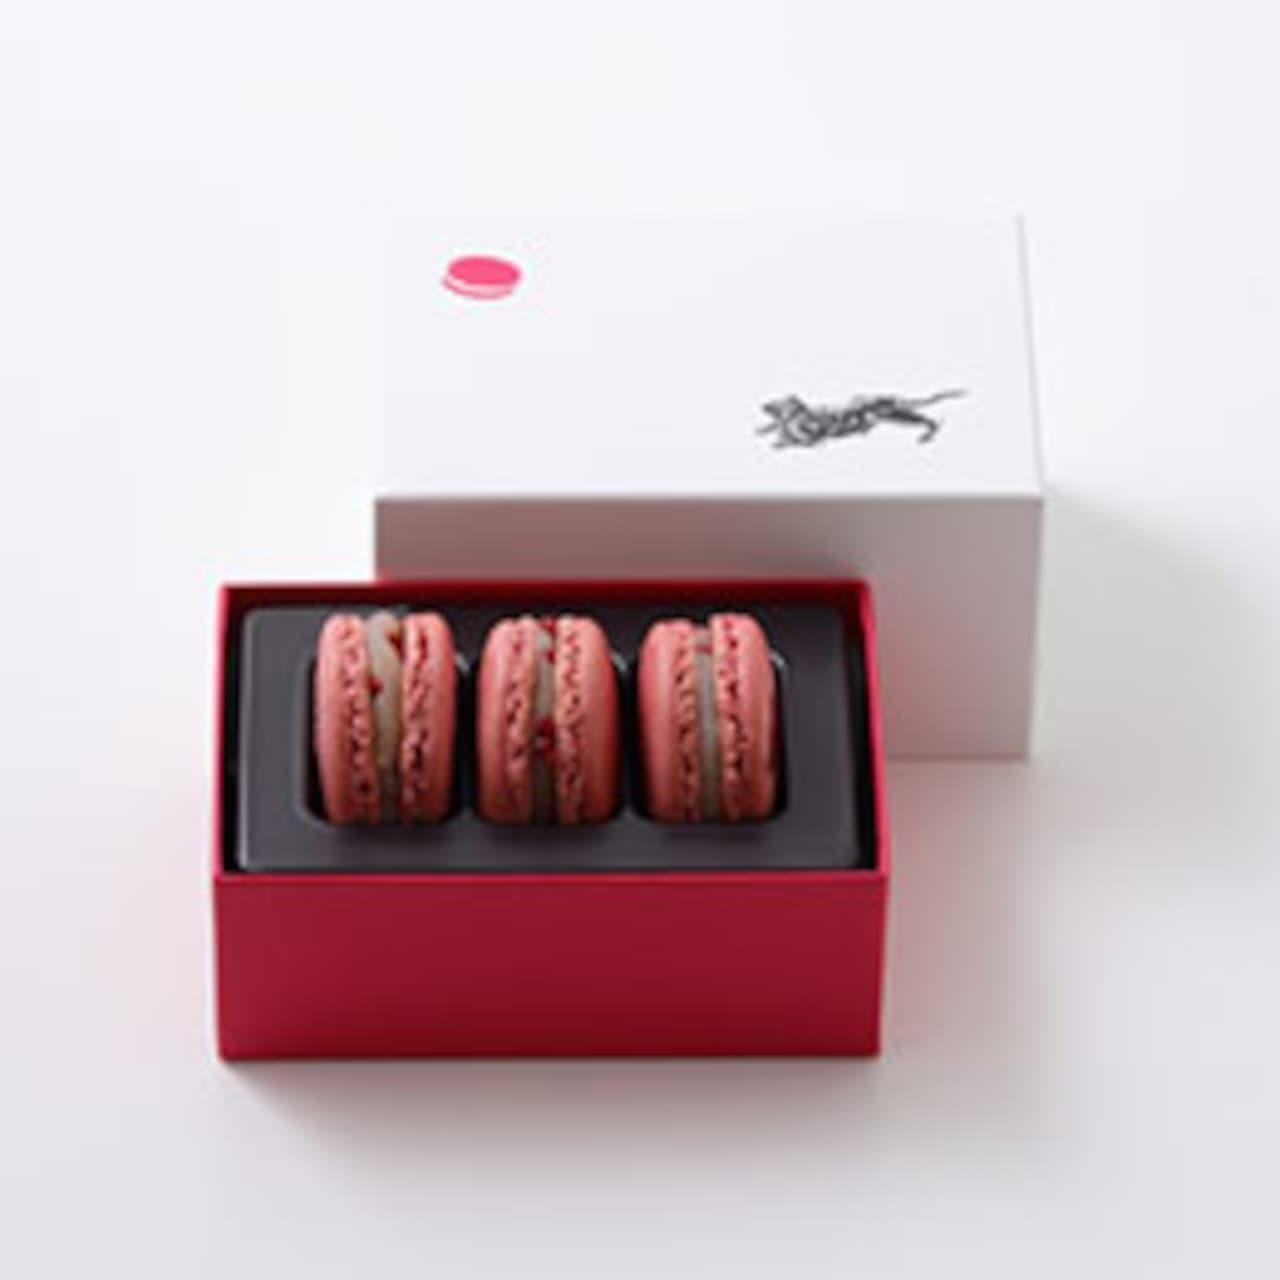 ピエール・エルメととらやのコラボレーション菓子